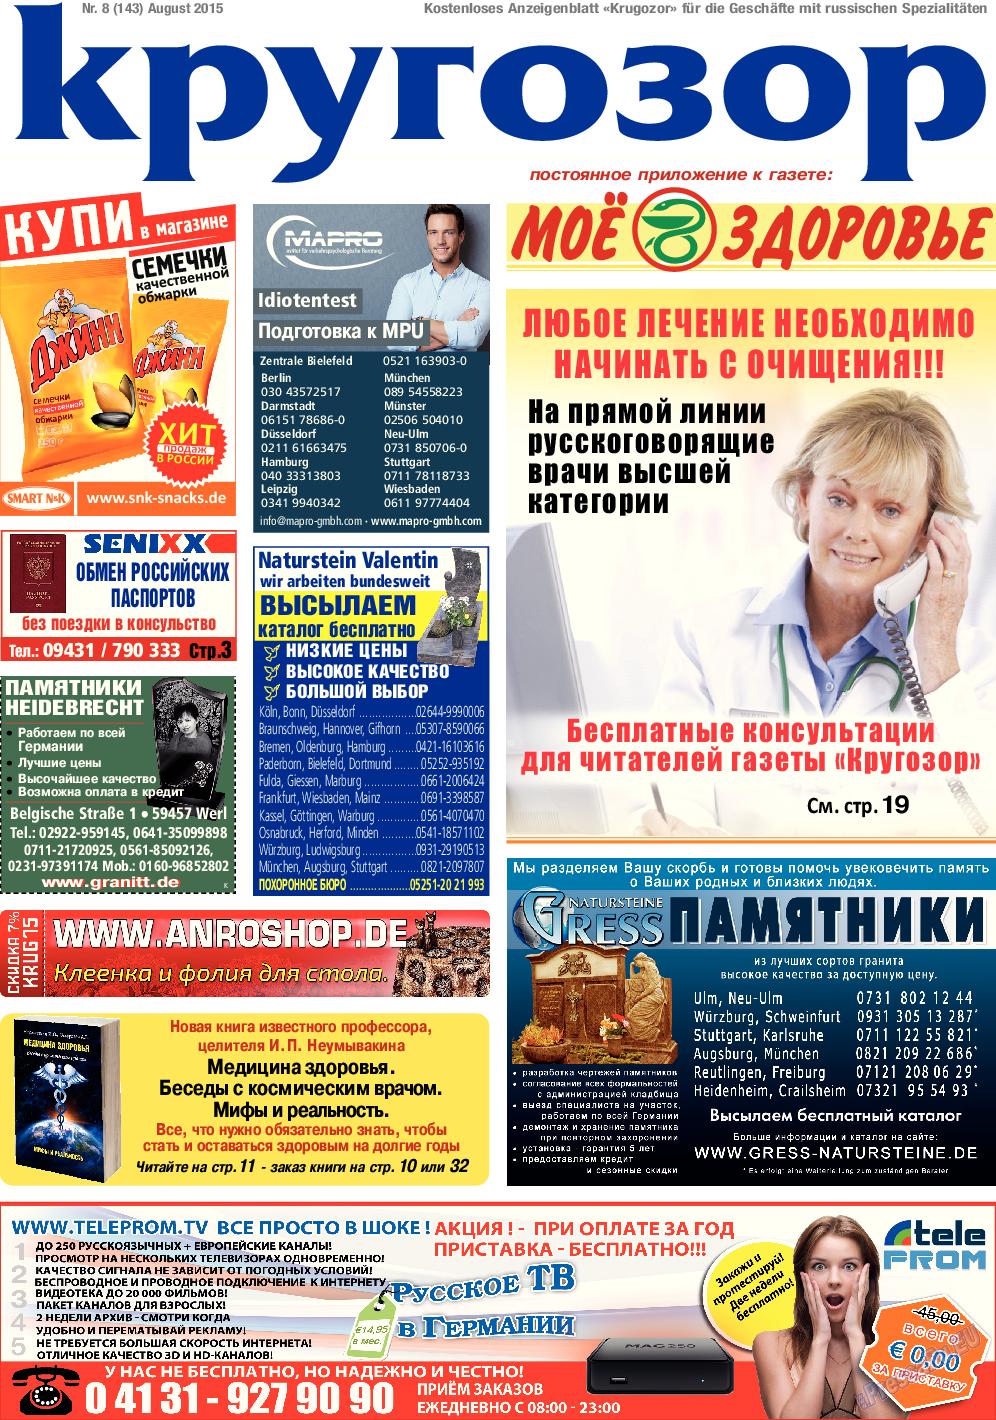 Кругозор (газета). 2015 год, номер 8, стр. 1